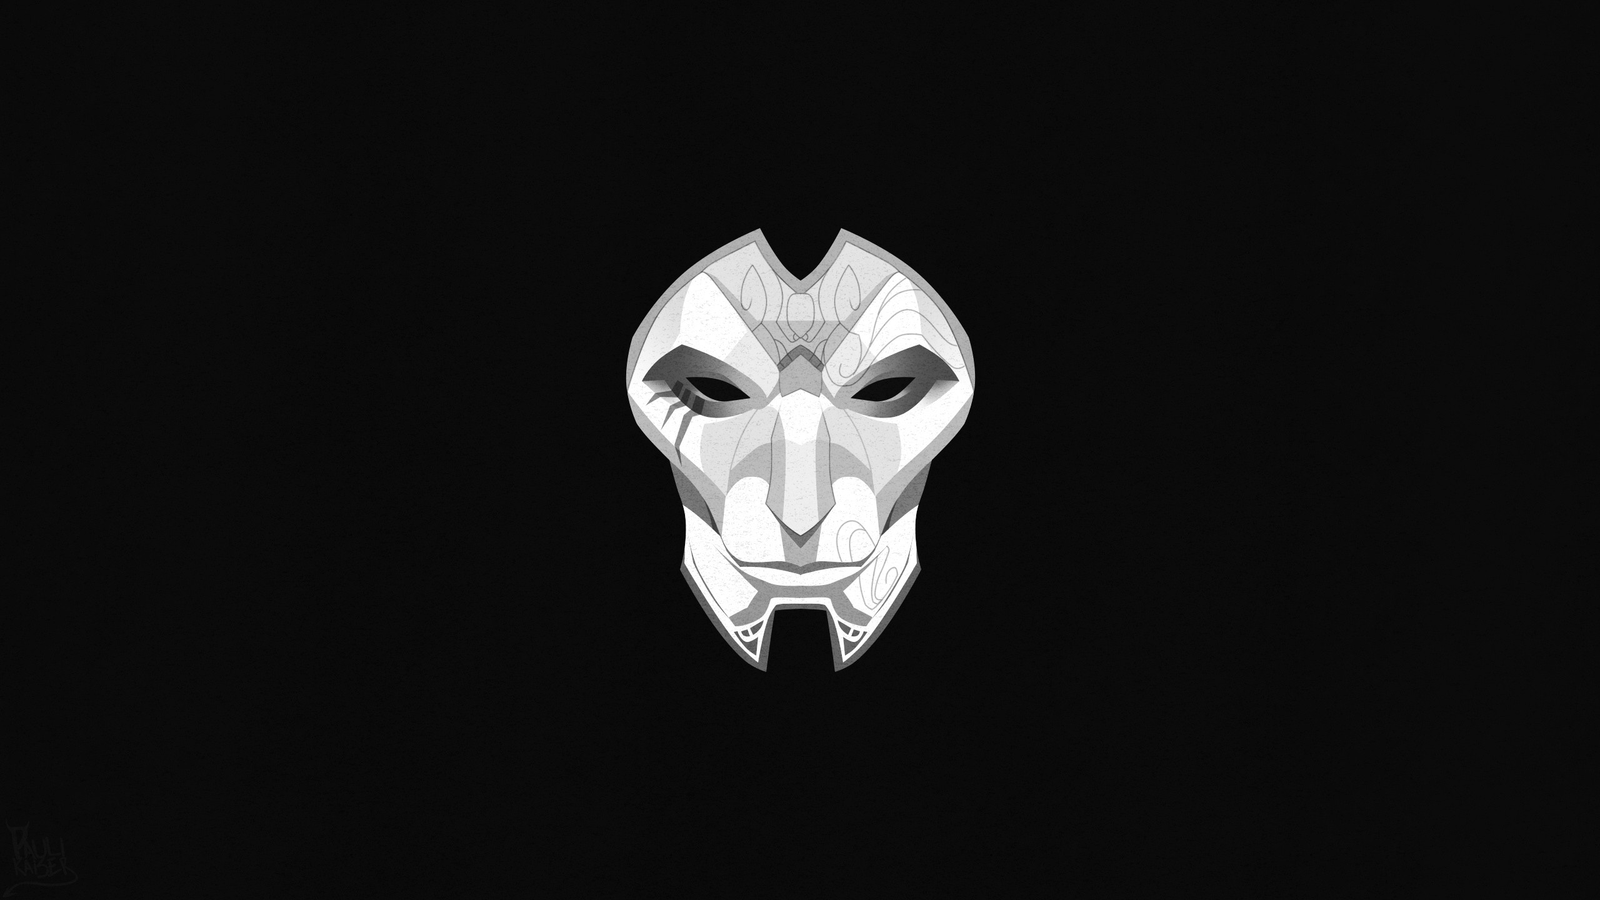 Jhin Mask Minimalistic Wallpapers Fan Arts League Of Legends